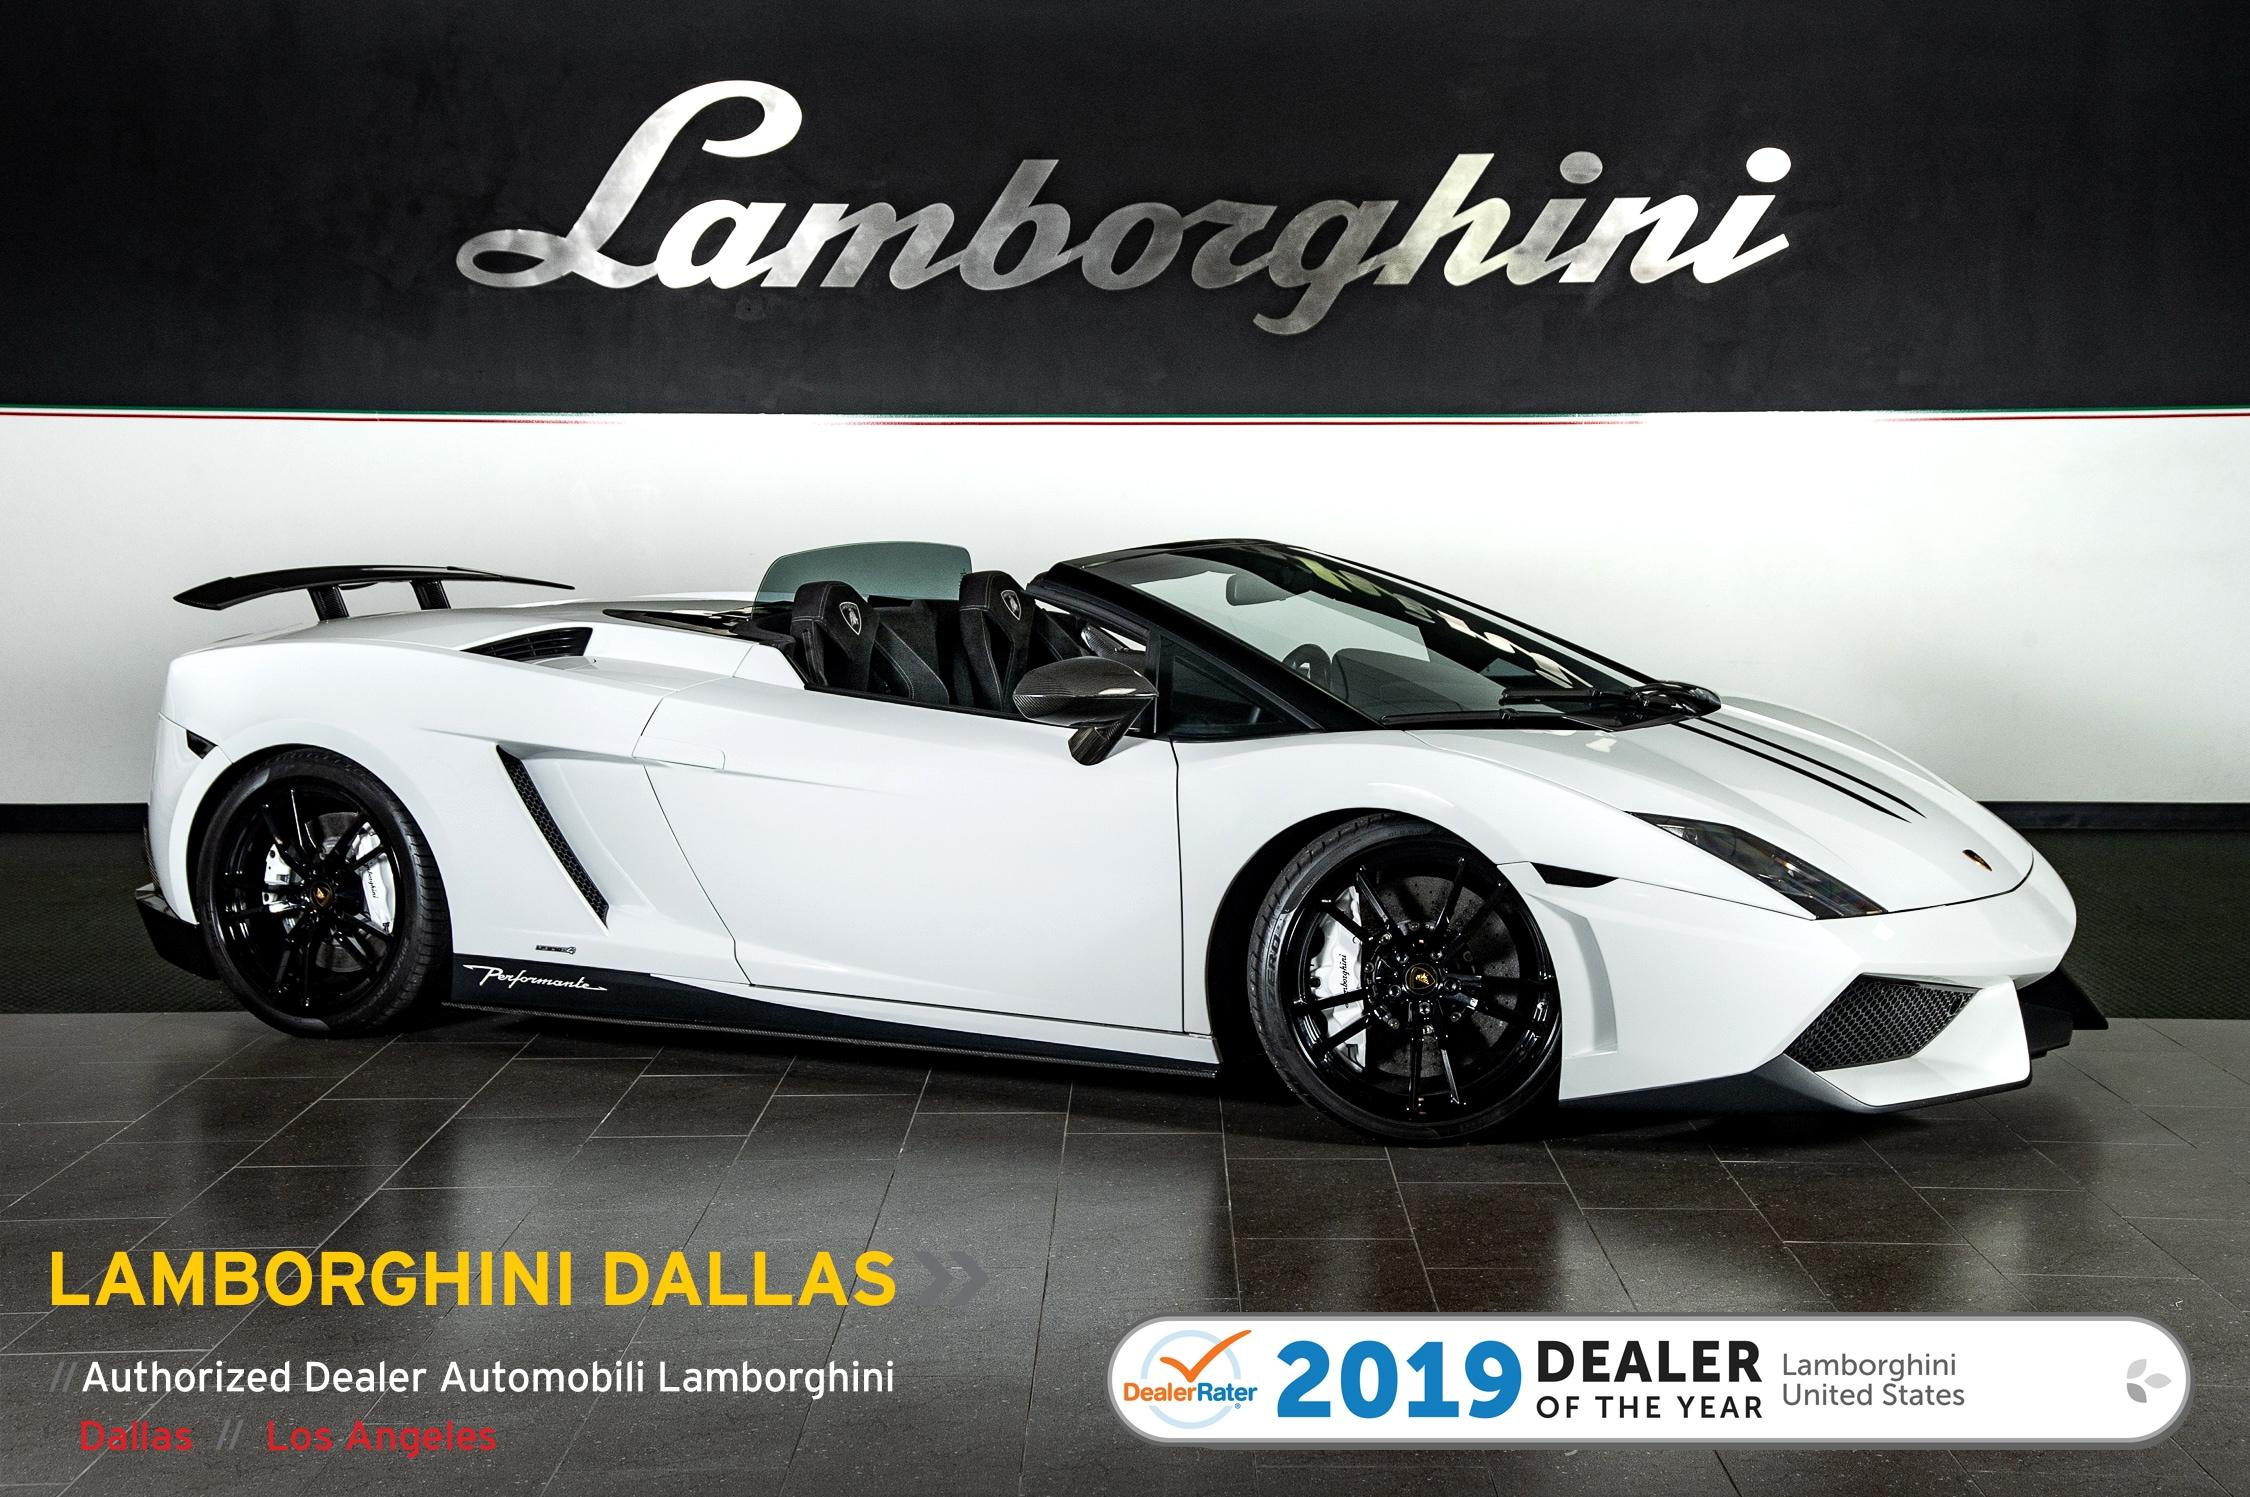 2011 Lamborghini Gallardo LP570-4 Performante Spyder